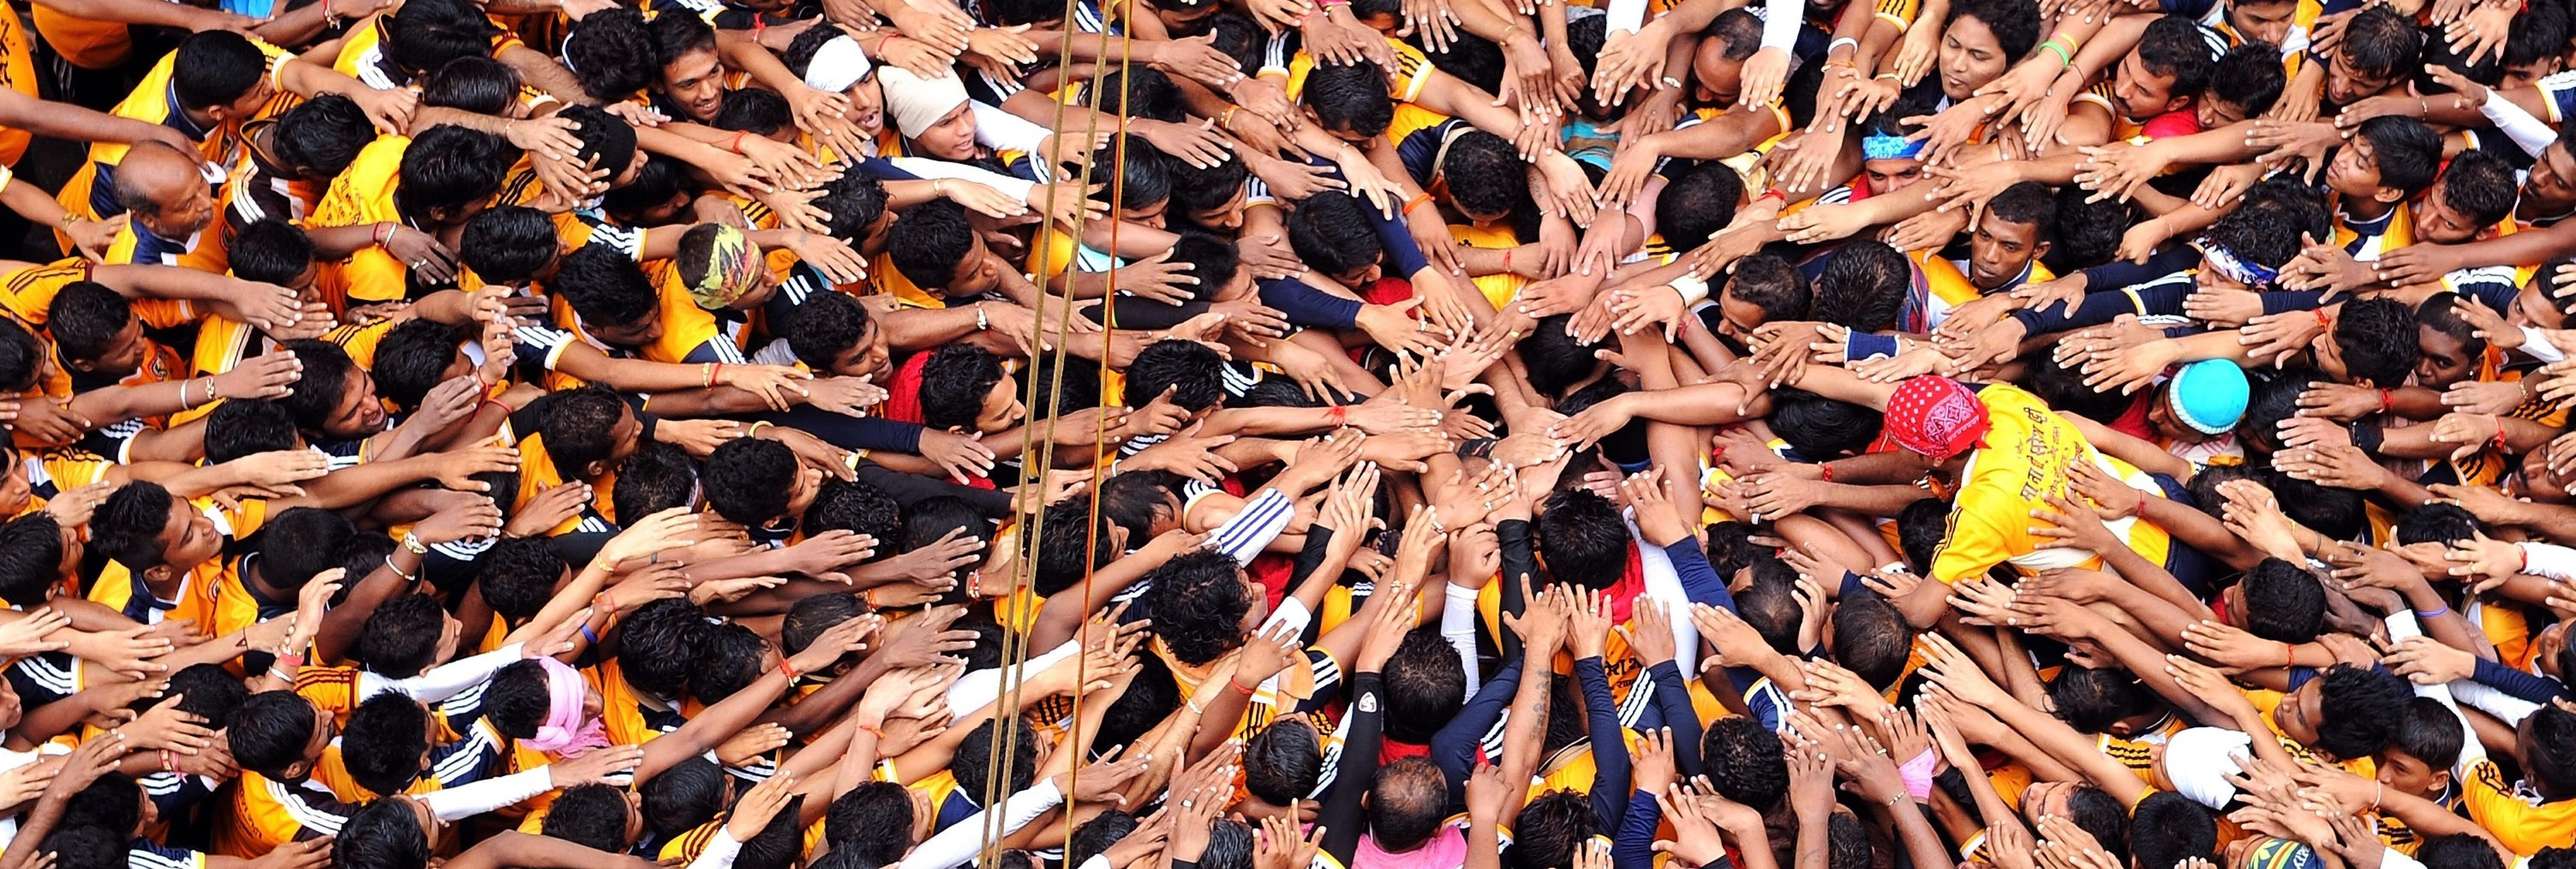 La 'ciudadanía global' le está ganando terreno a los nacionalismos en todo el mundo